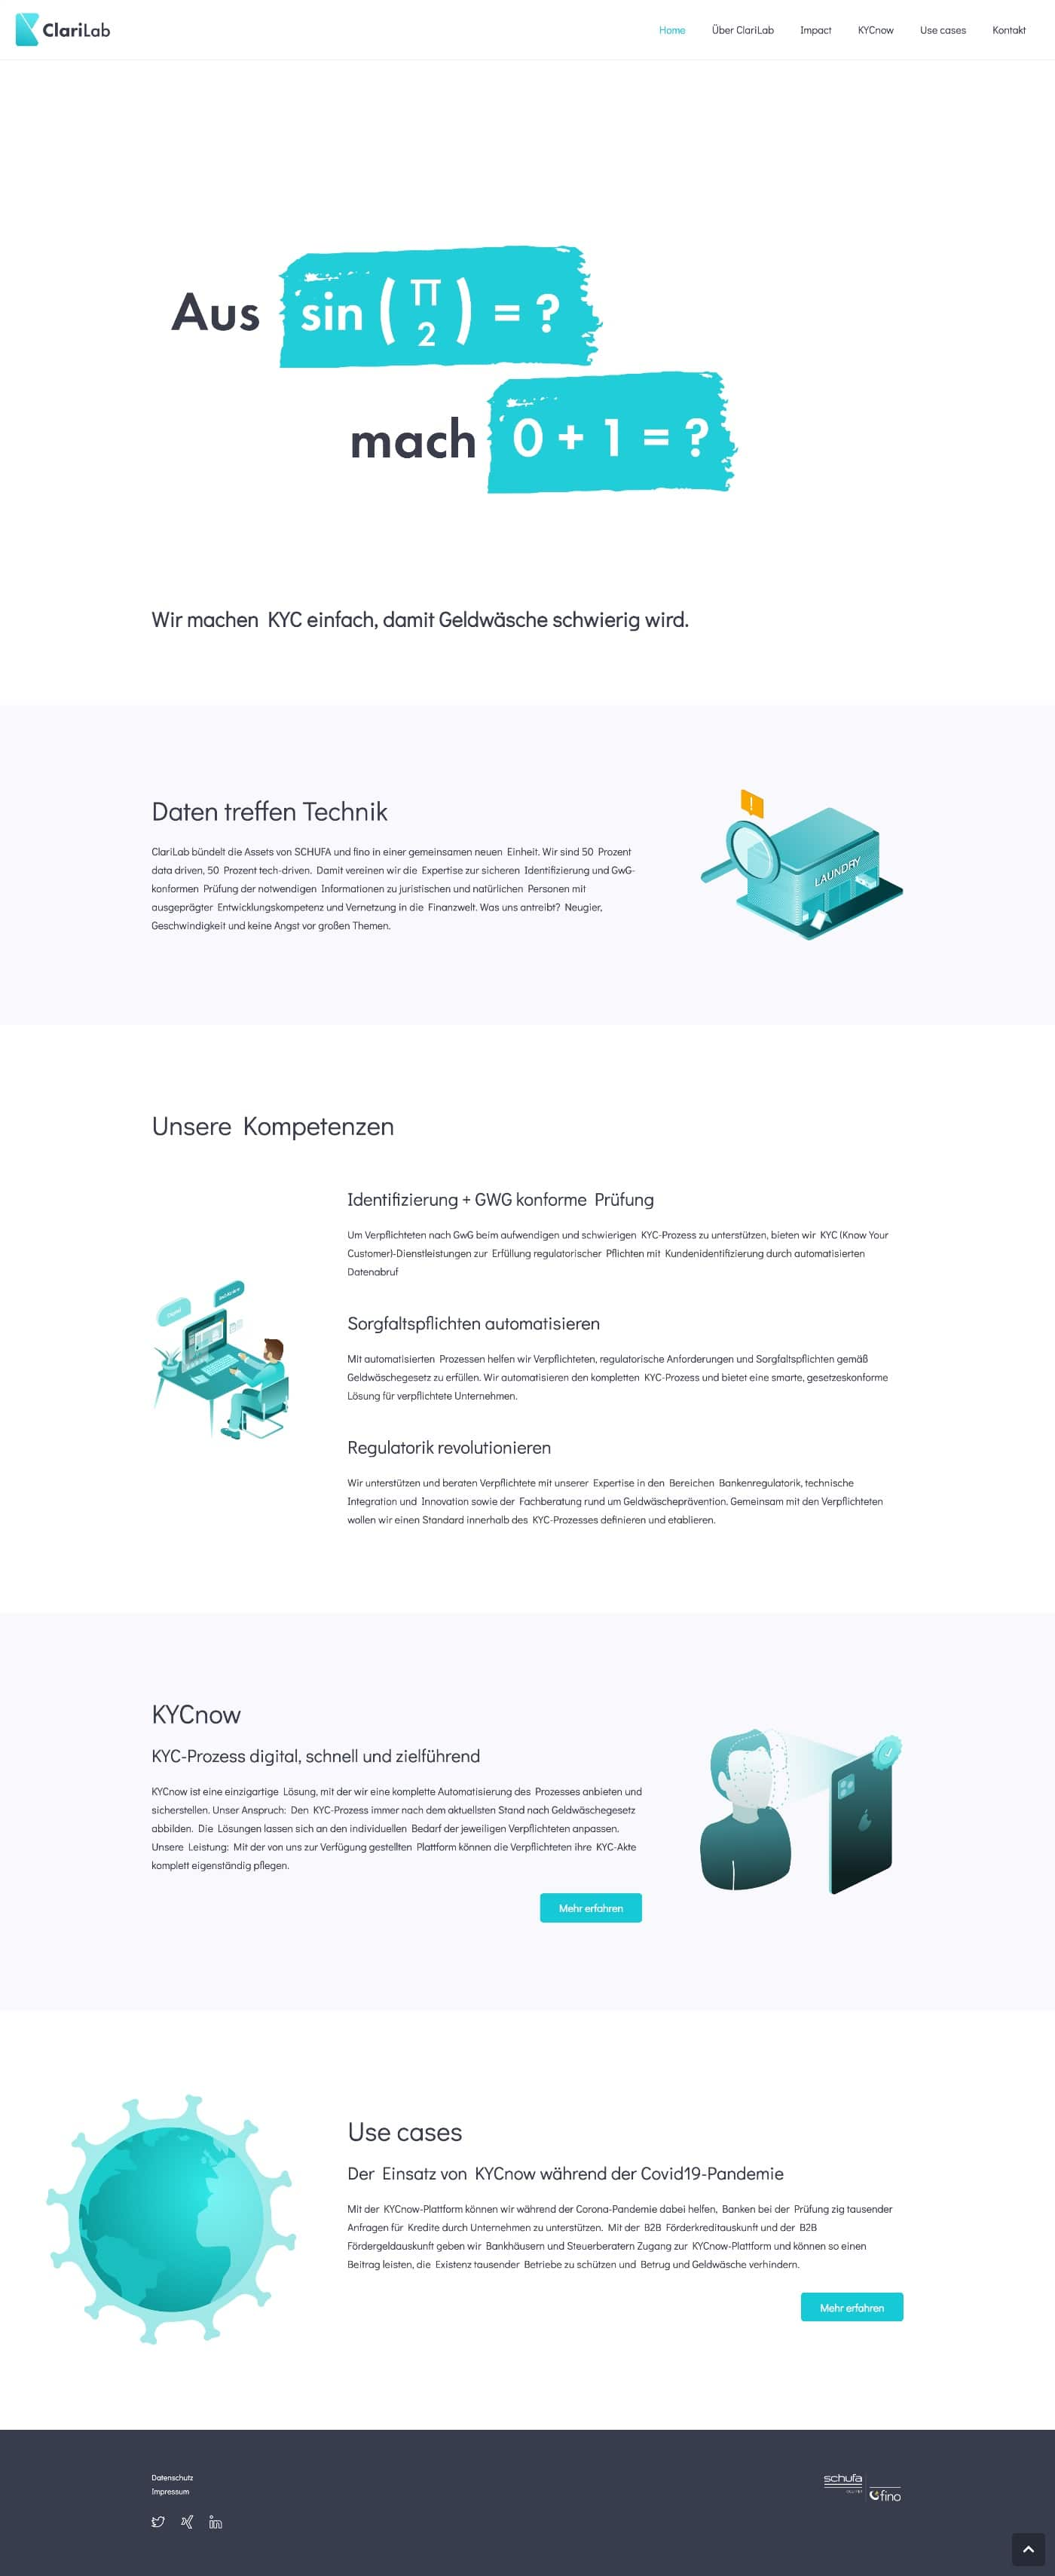 ClariLab - Webdesign